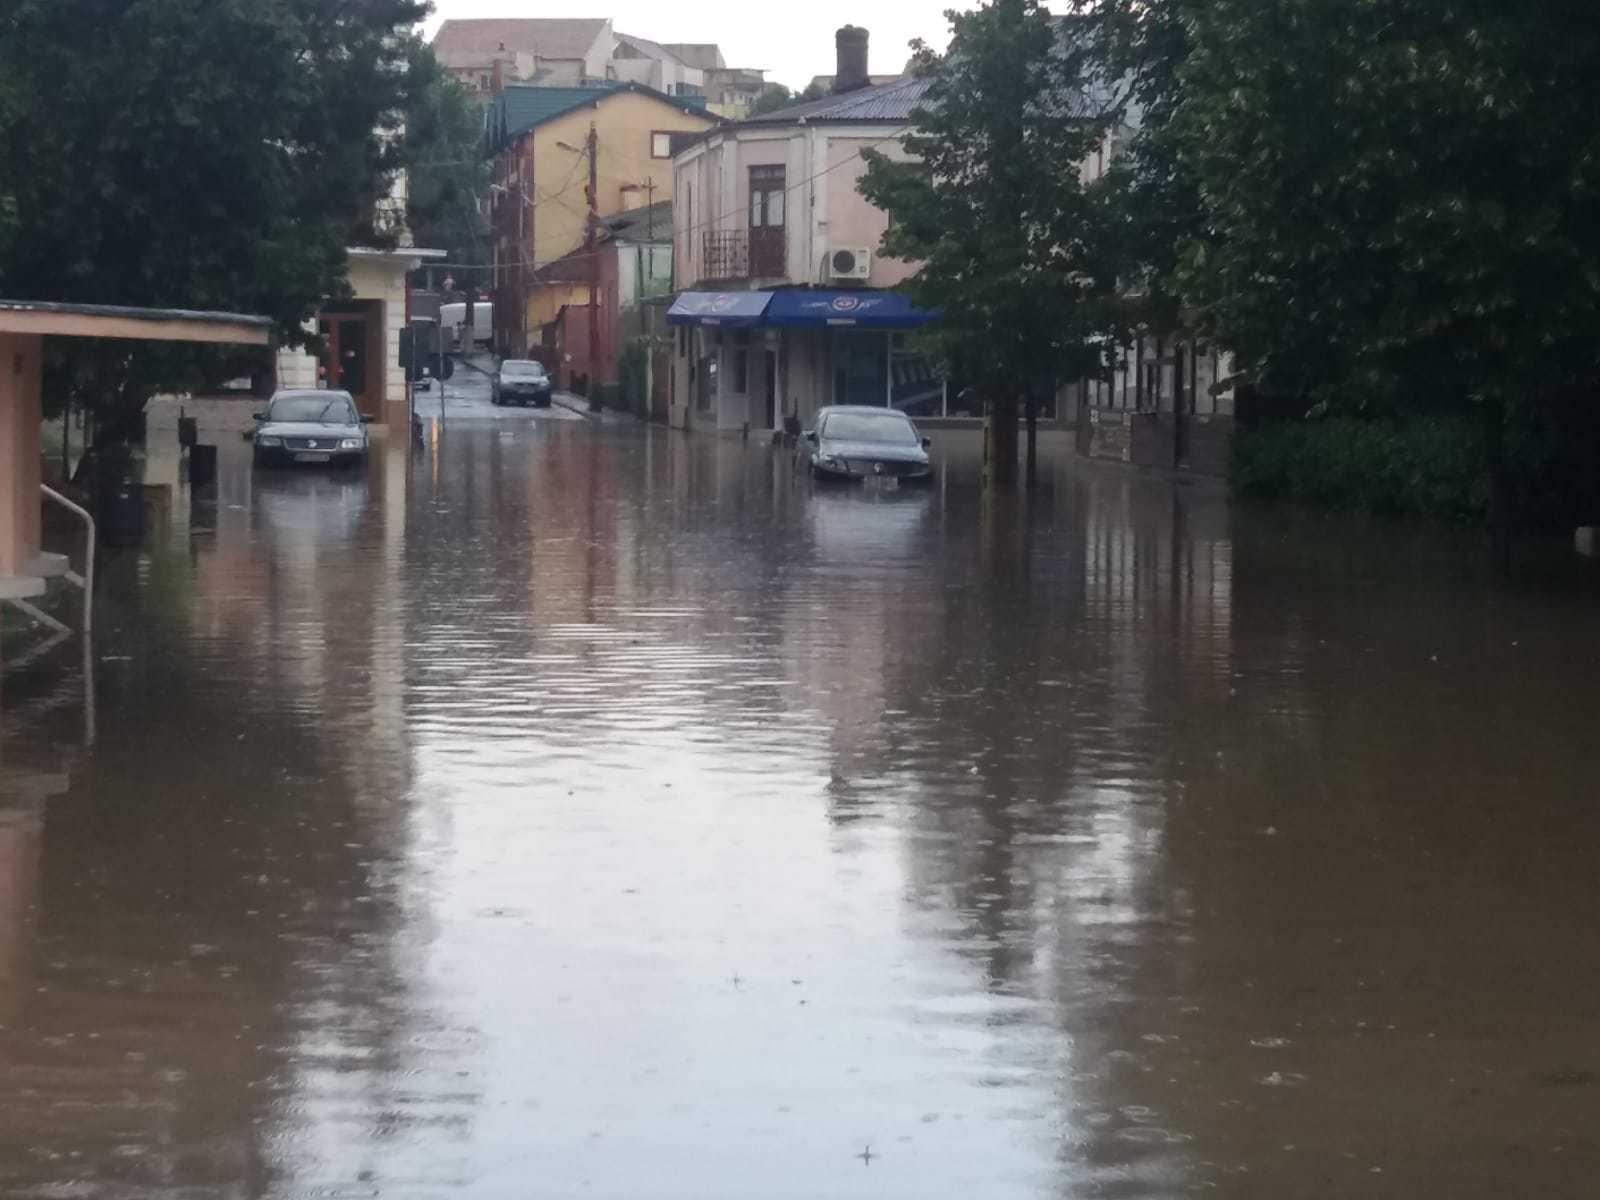 O ploaie torenţială de câteva zeci de minute a făcut ravagii în Constanţa: Străzi şi magazine inundate/ Mai multe maşini, sub apă | FOTO, VIDEO